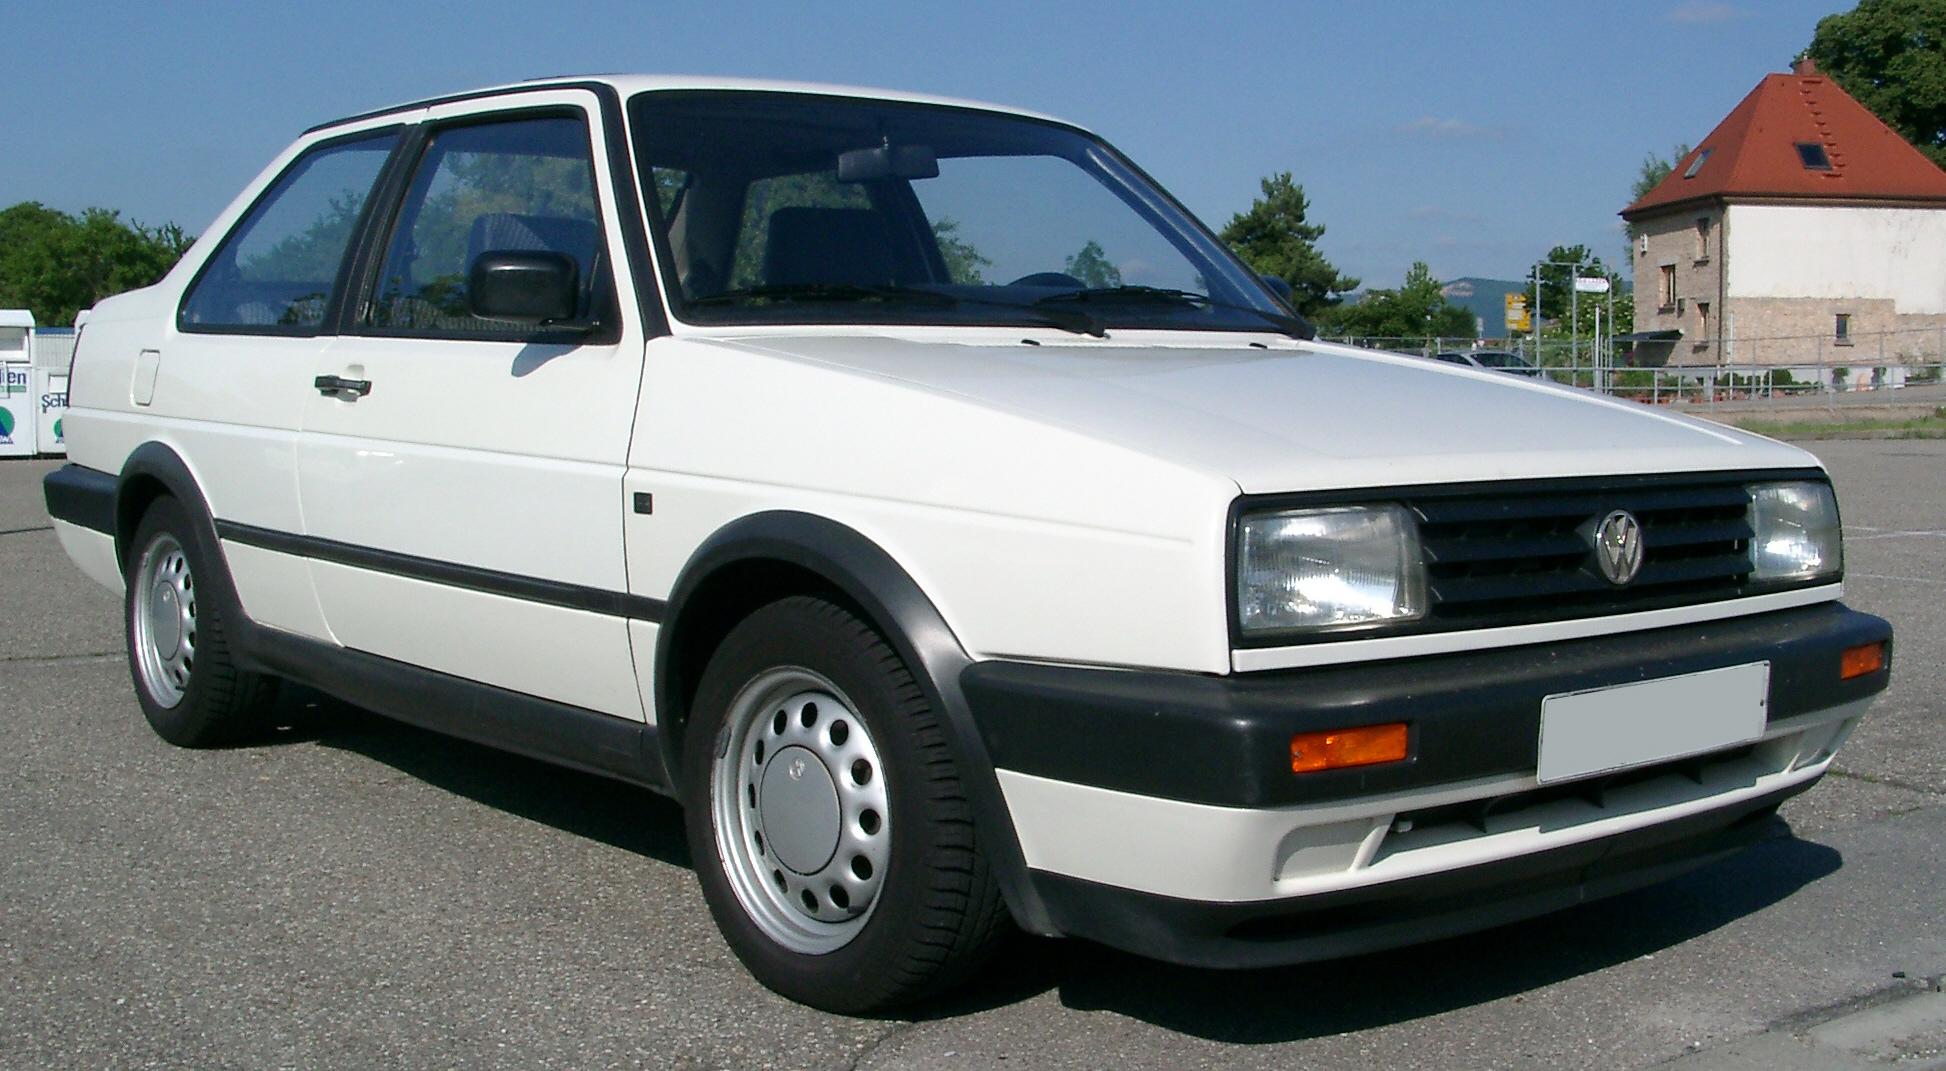 Comprar un coche de segunda mano: ¿una buena opción?